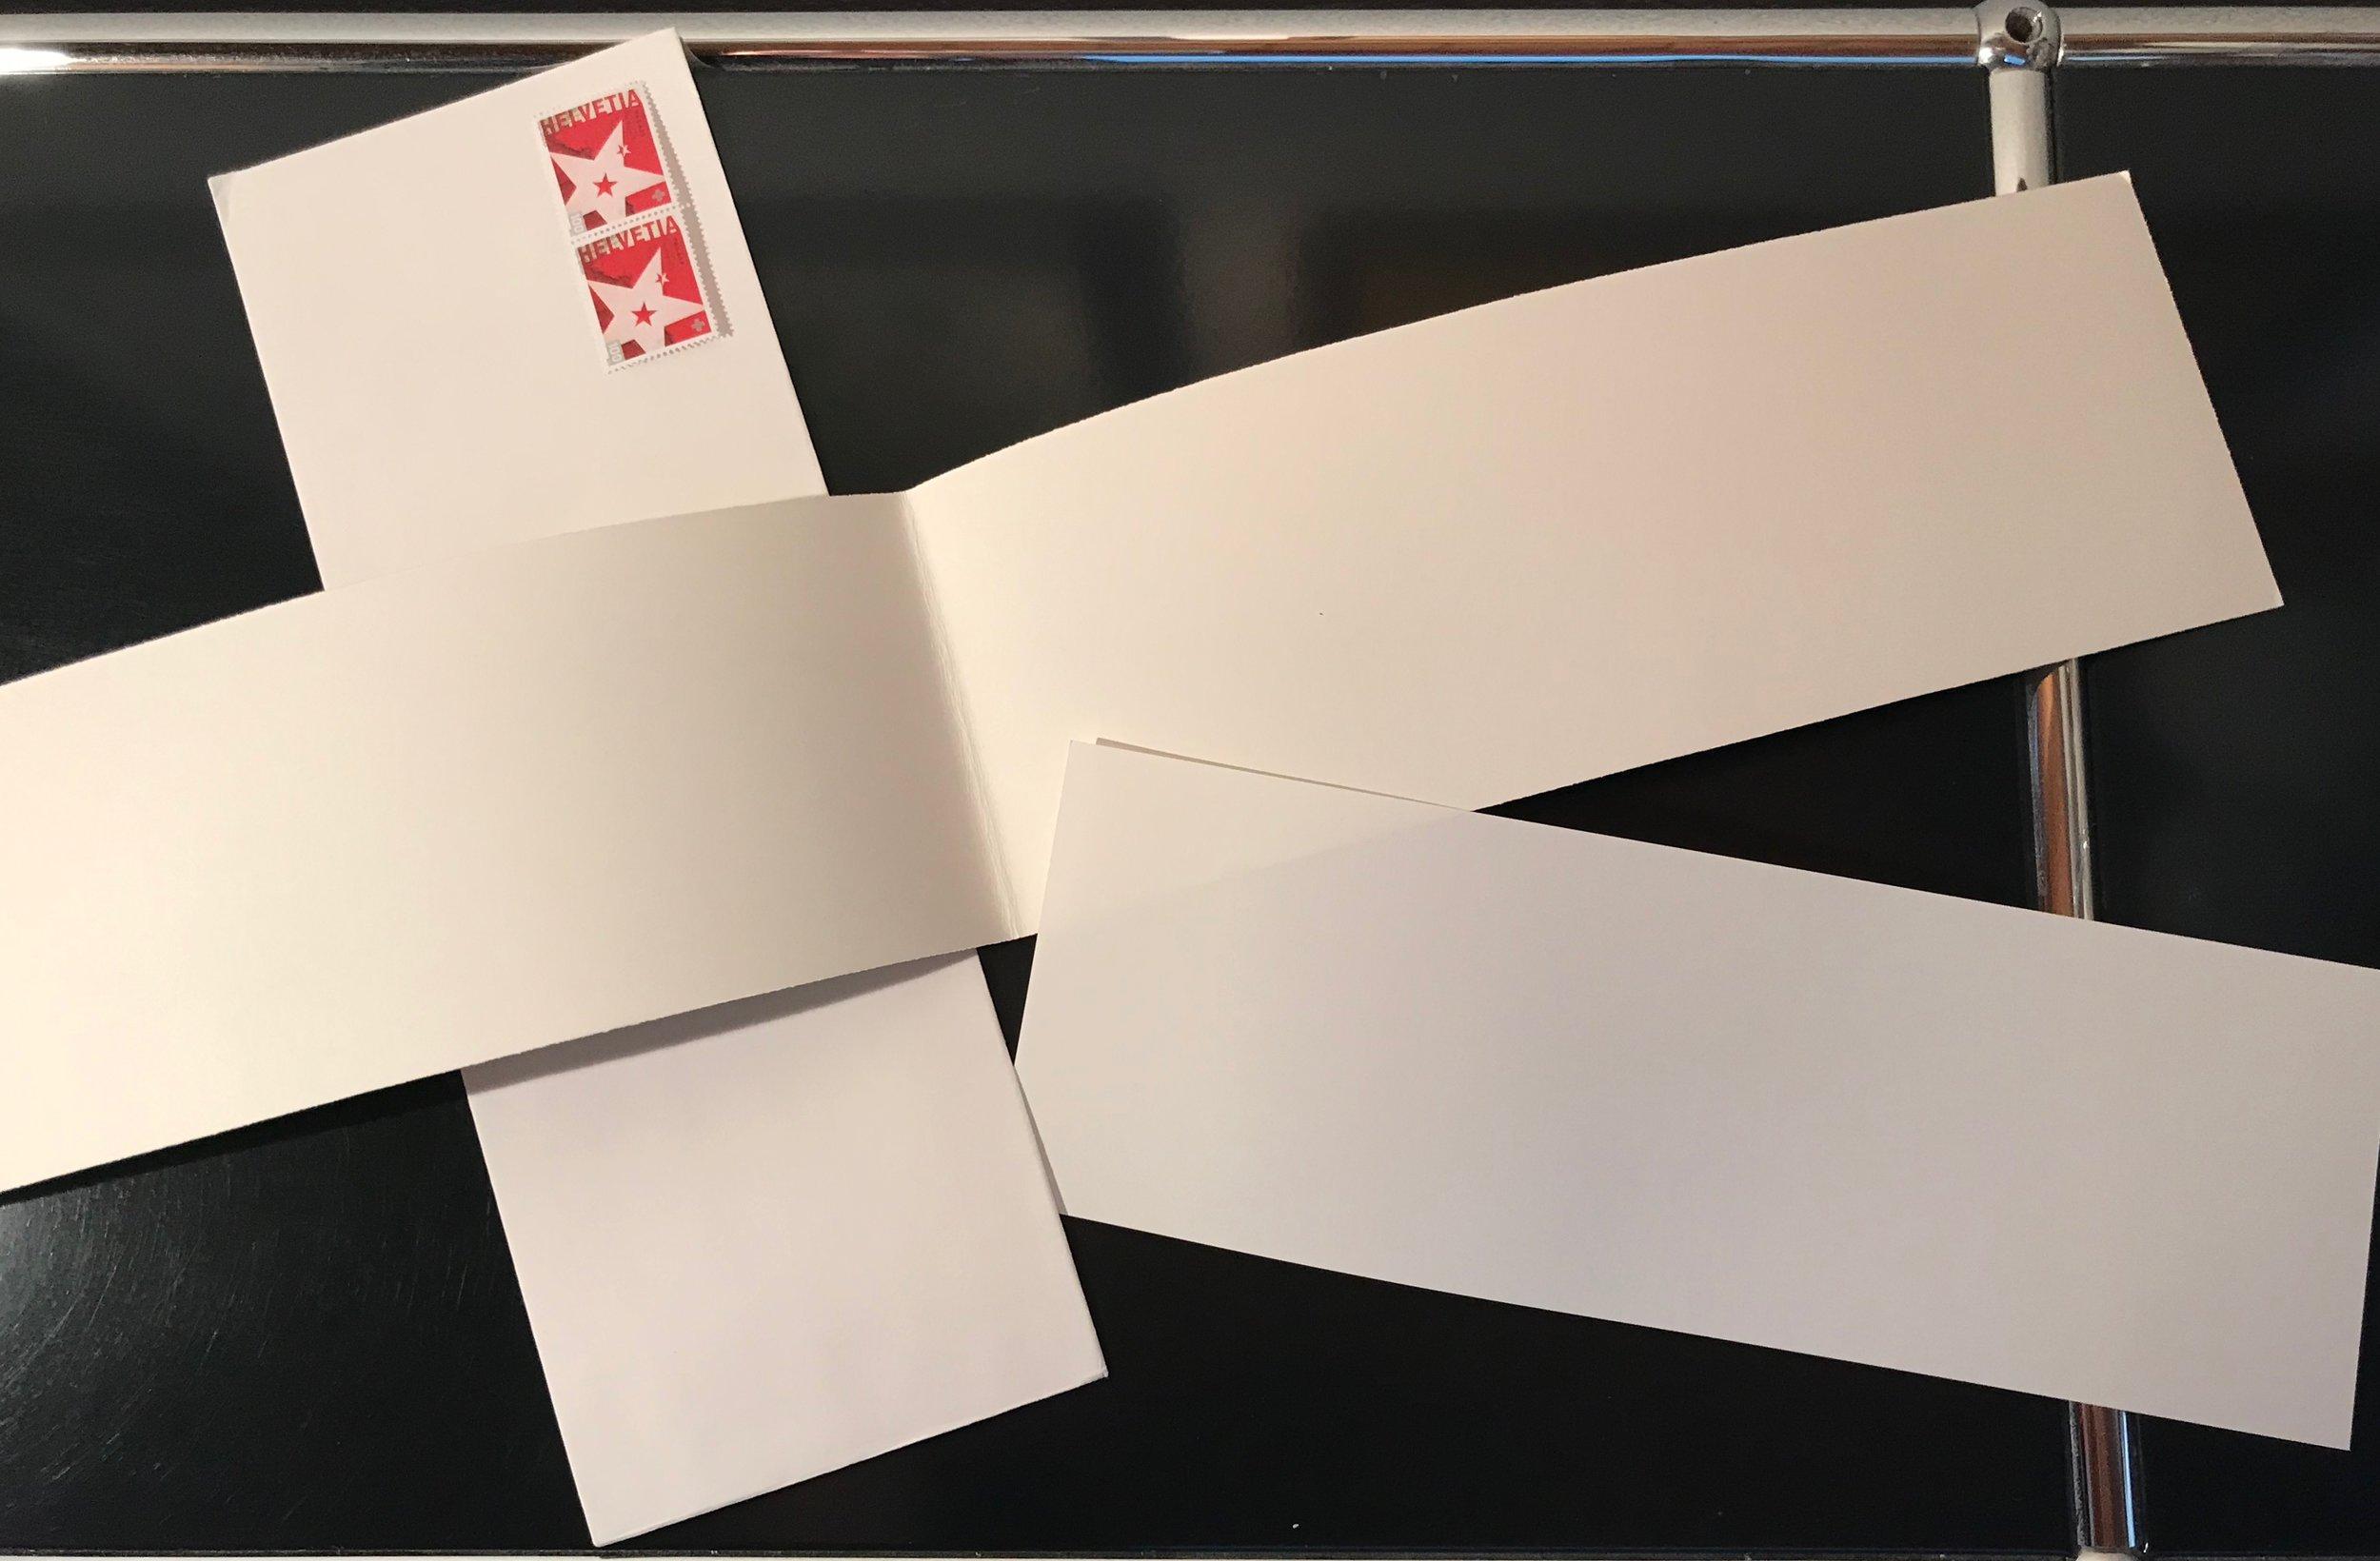 Karten A6/A4 links gefalten neu auch im Digitaldruck   Einlageblatt links gefalten oder einfach  Couvert mit breitem Umschlag (Haftstreifen)  C4-Frankatur beachten